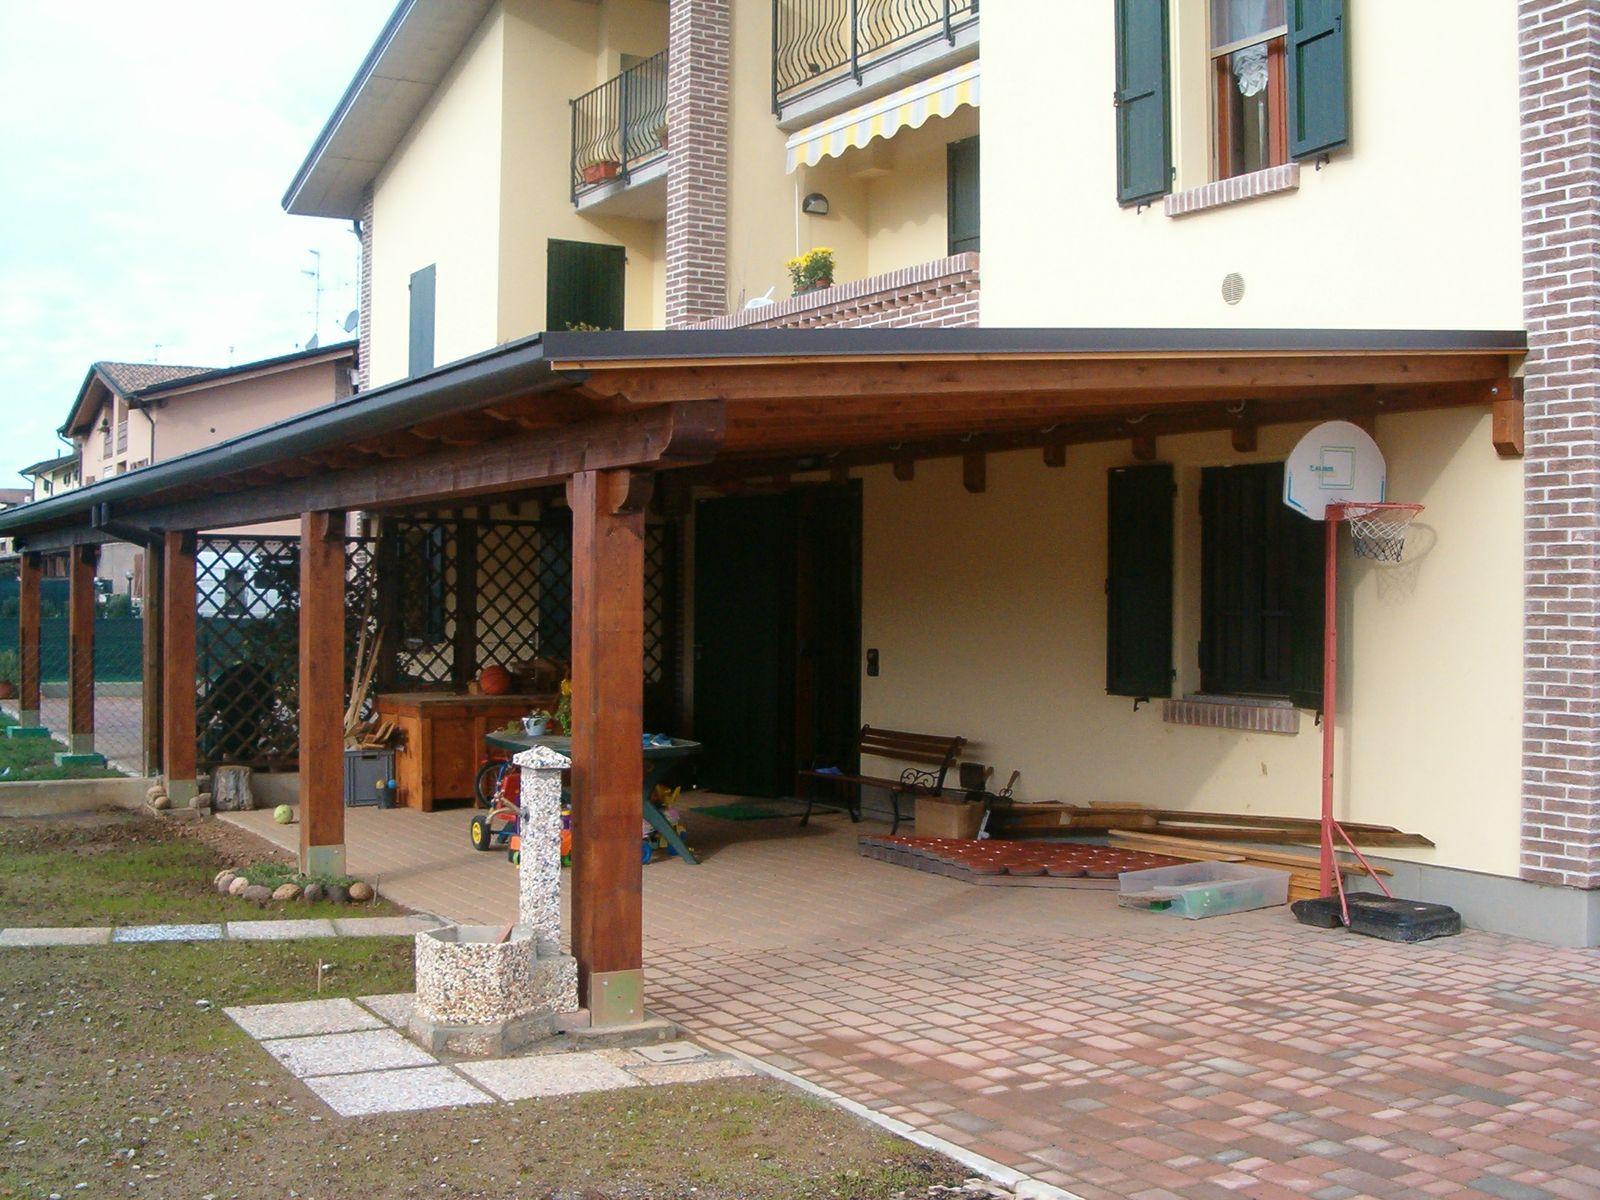 La tettoia che amplia l 39 edificio richiede il permesso a for Foto di portici per case